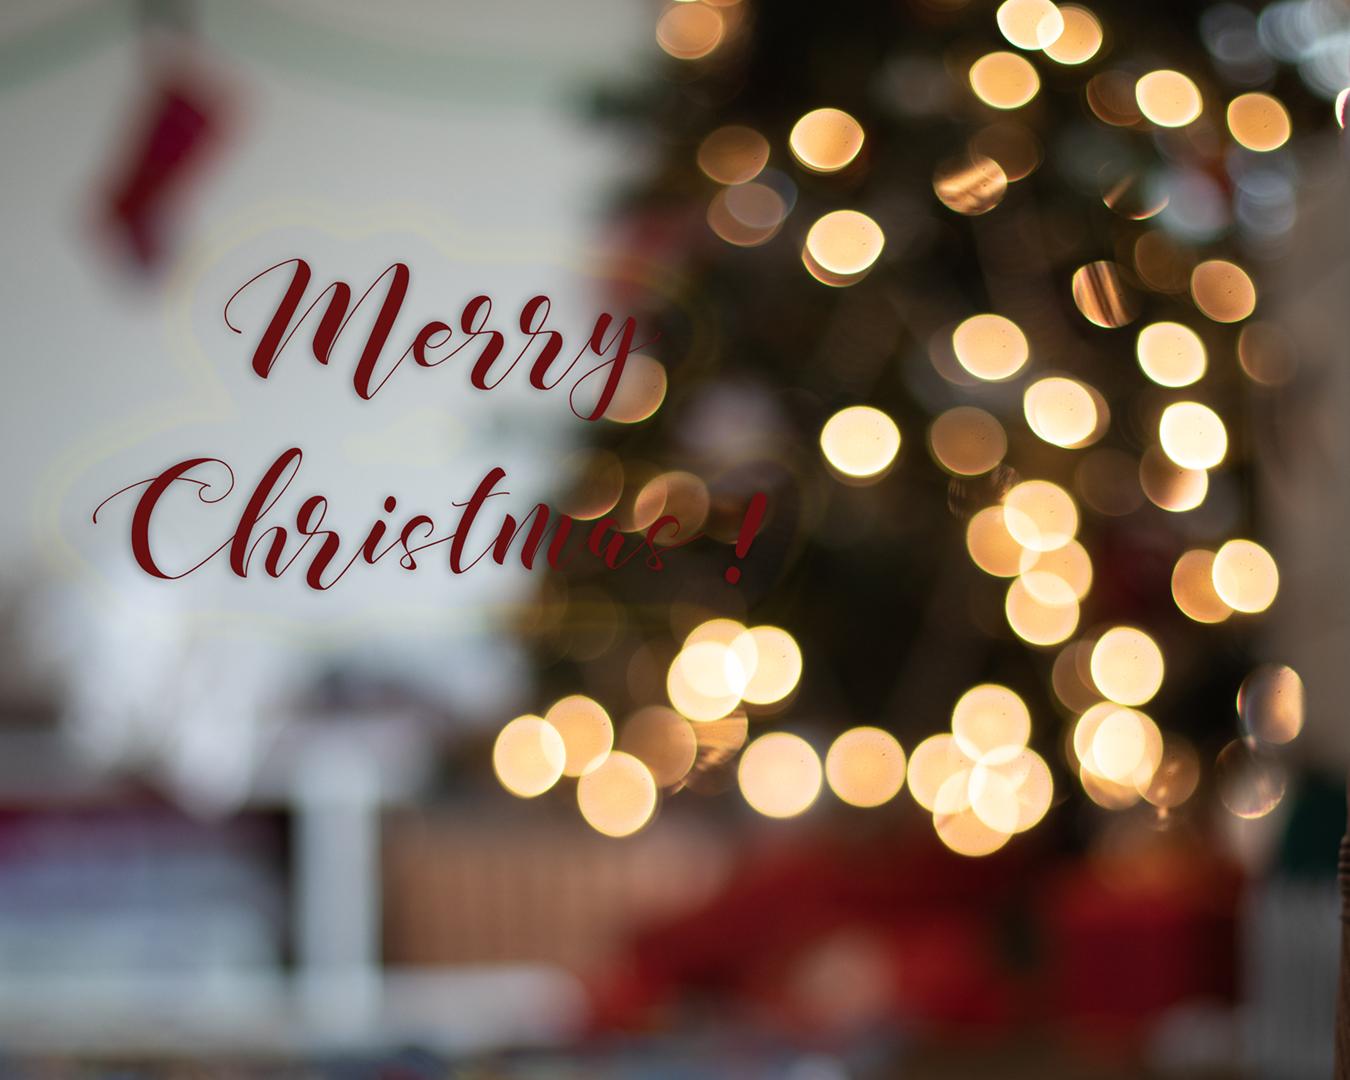 Merry Christmas Image-1